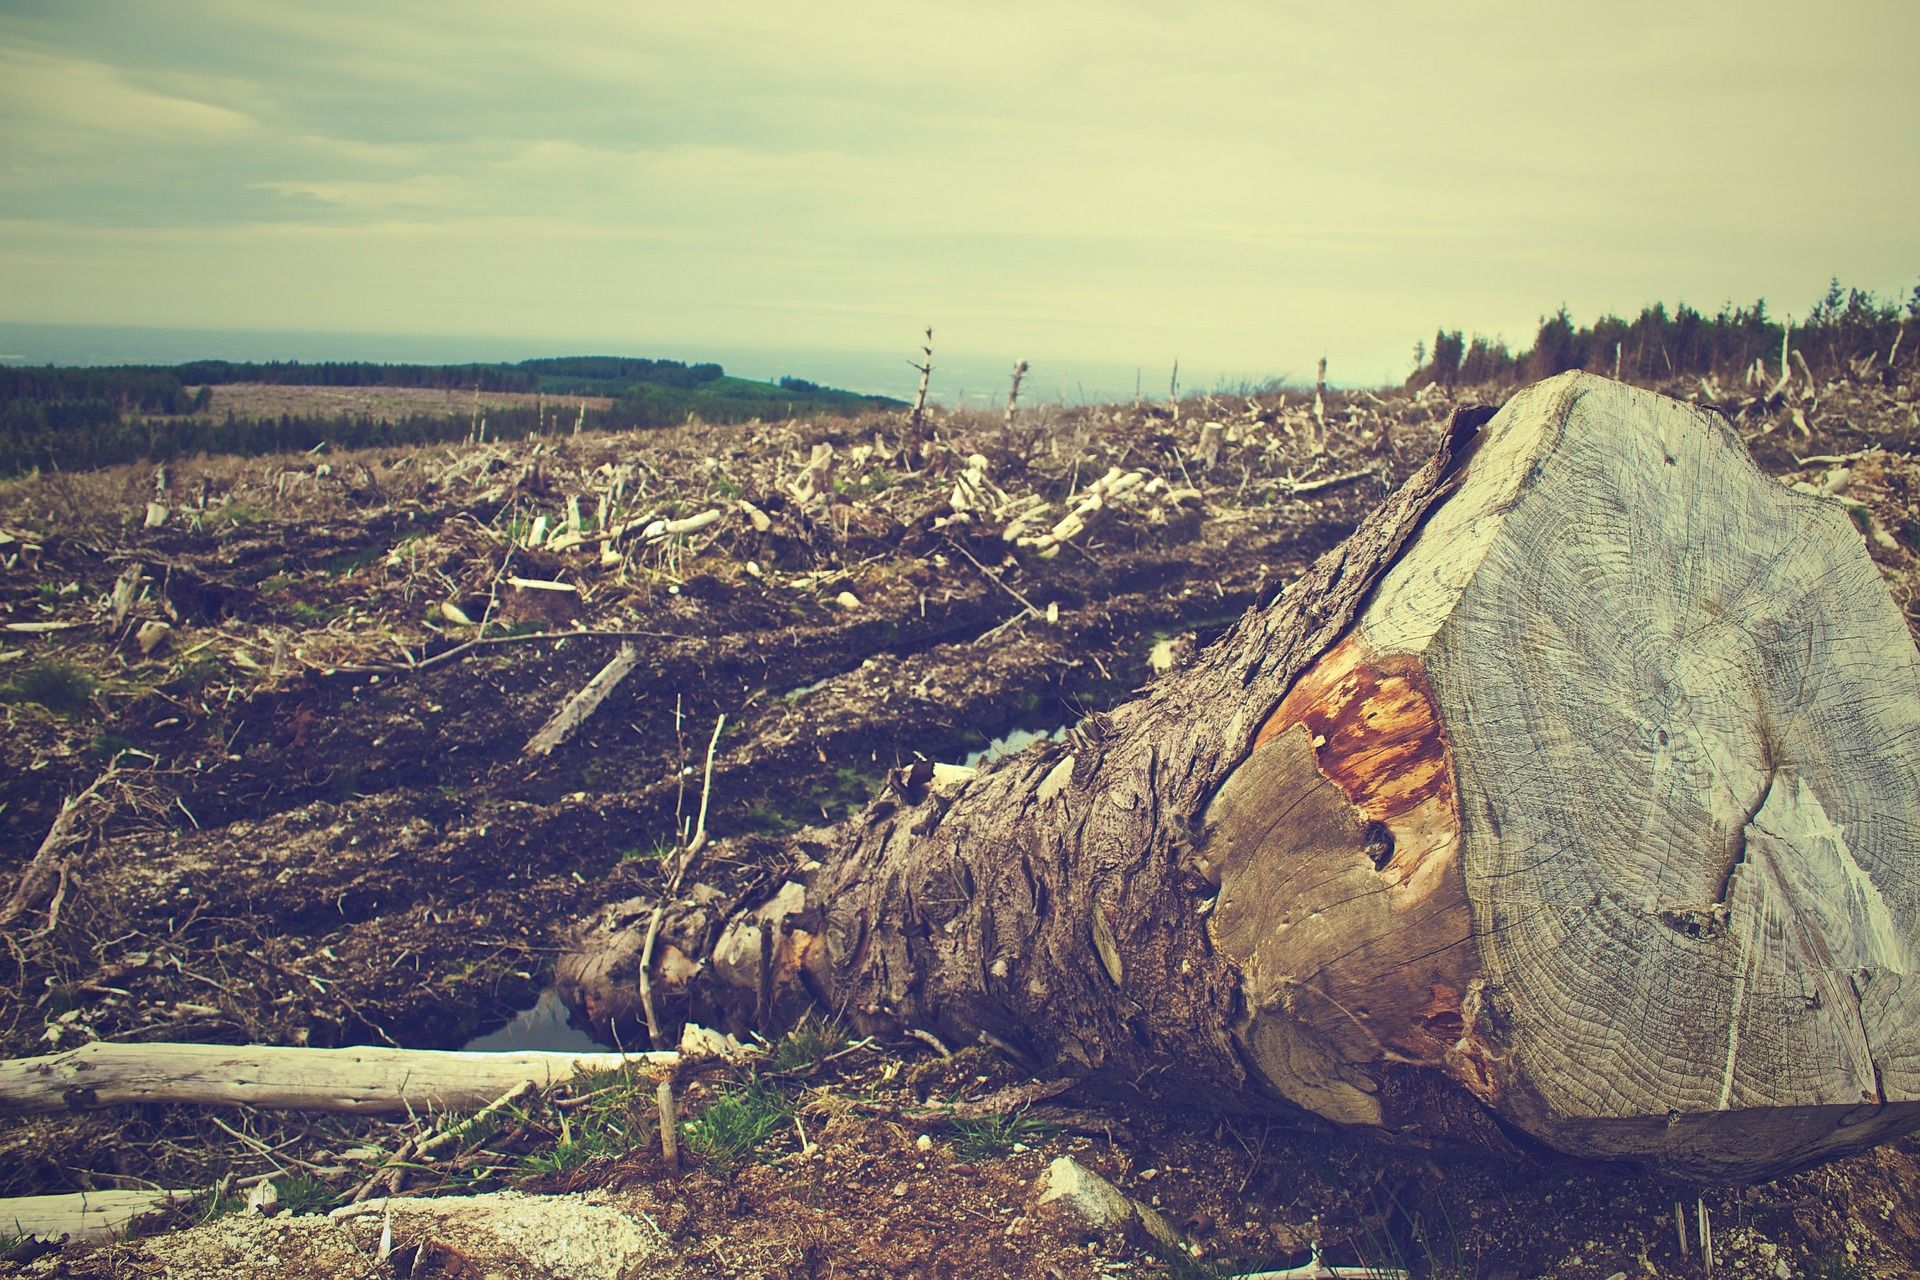 problemas medioambientales, deforestación